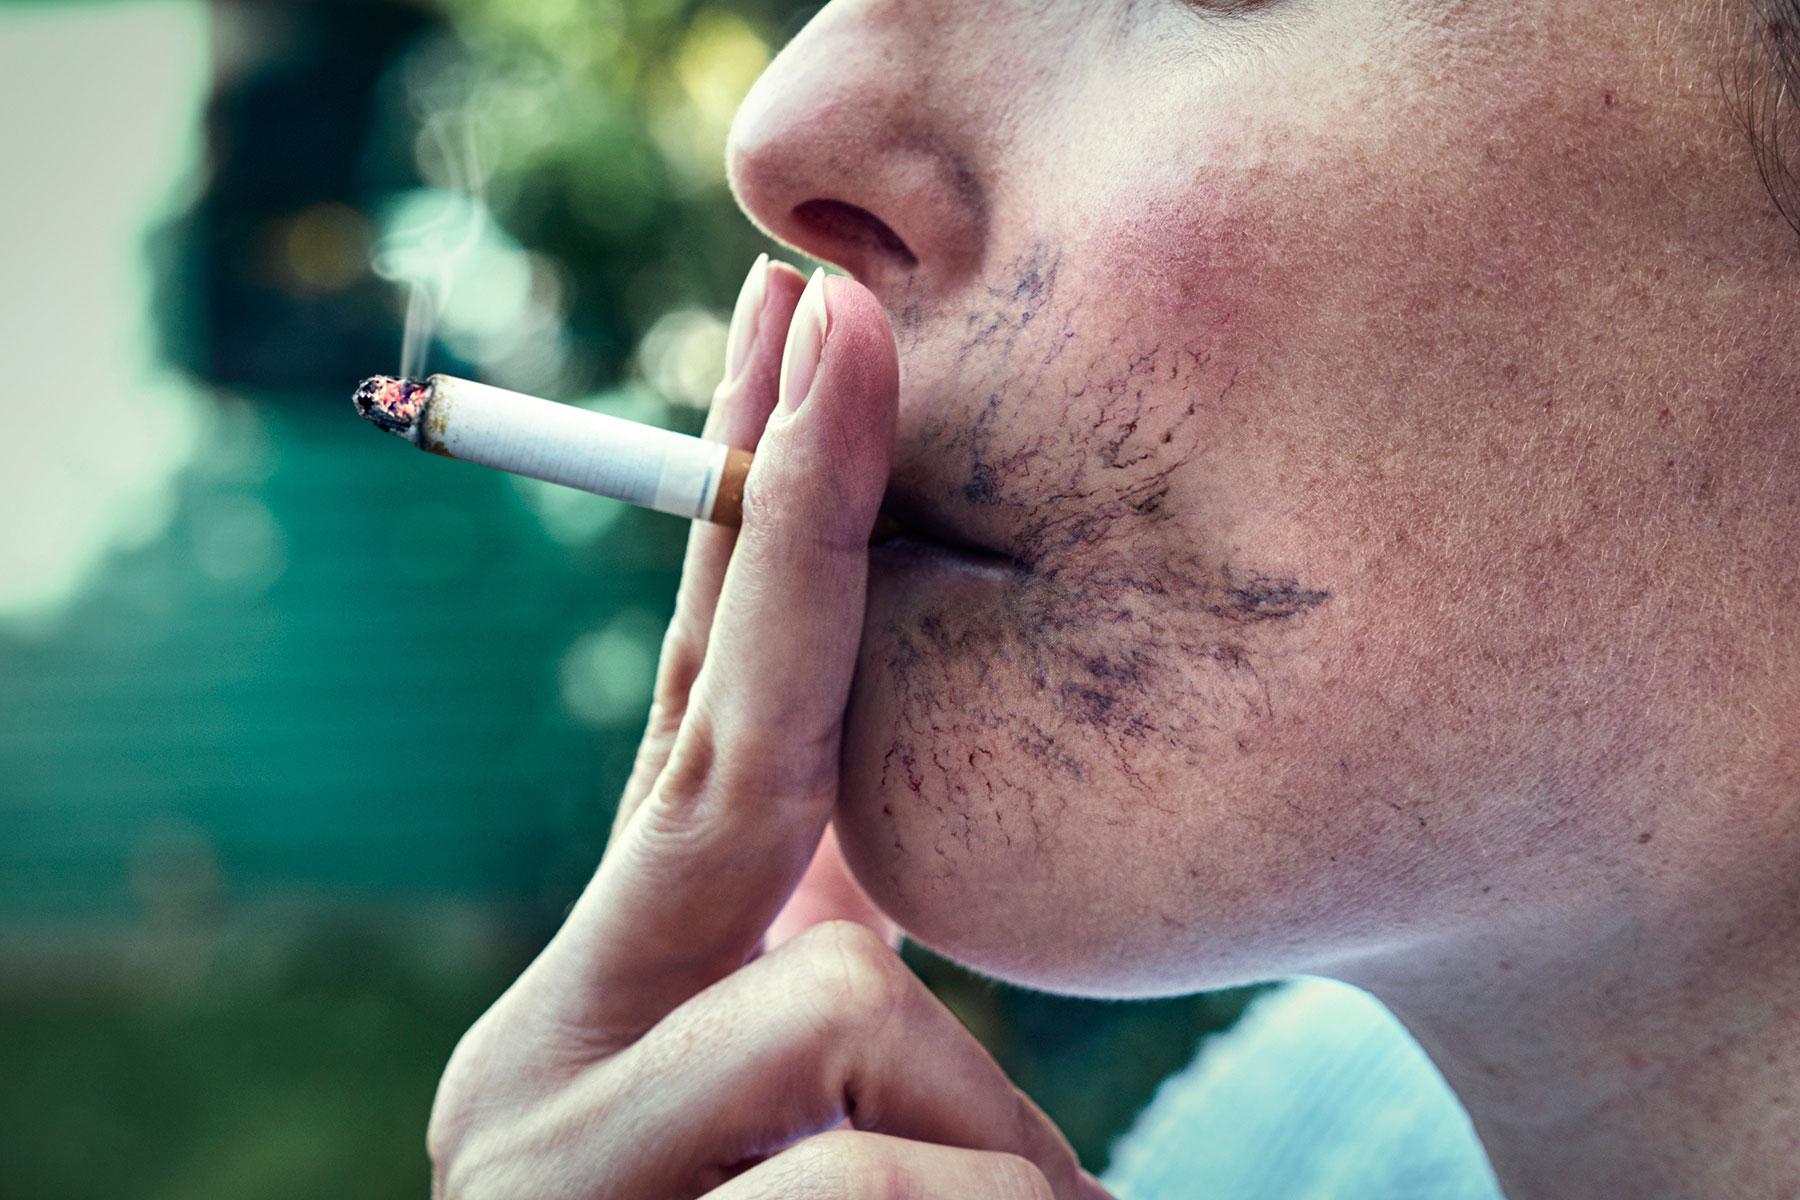 0006a-kai-bastard-anti-smoking-healthcare-1800.jpg